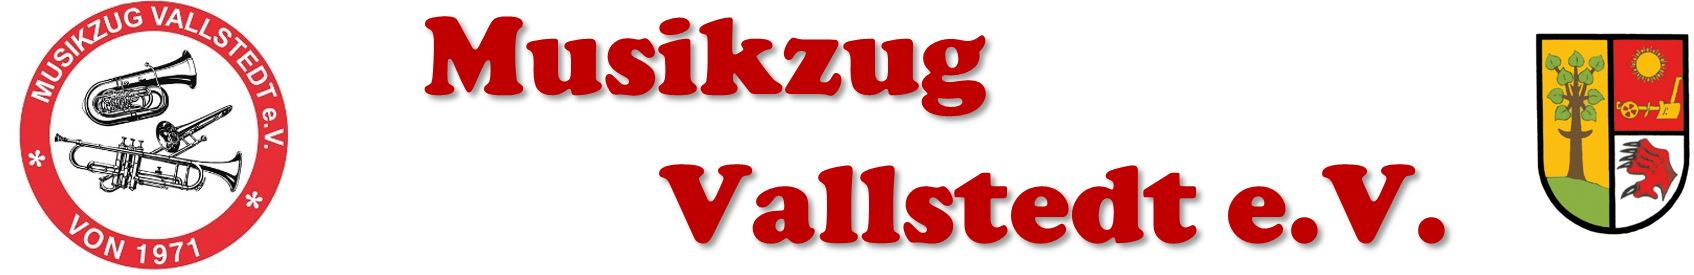 Musikzug Vallstedt e.V.